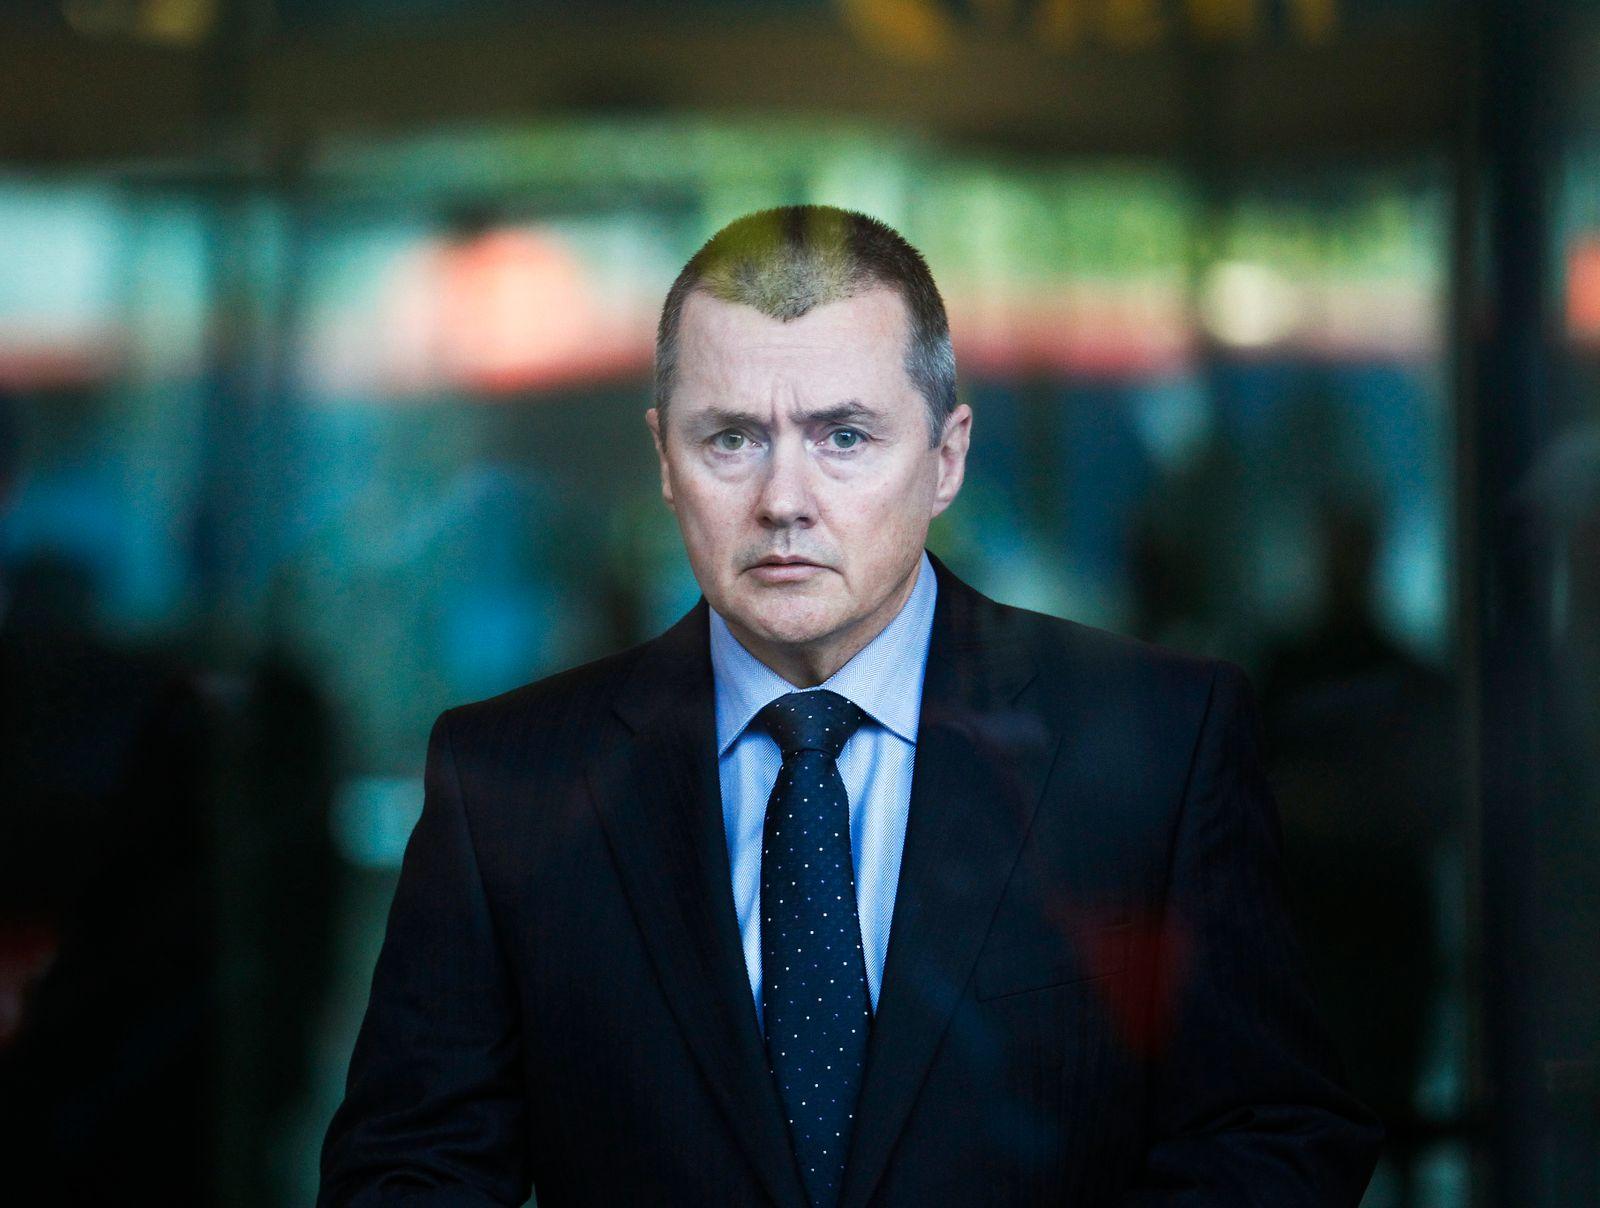 Willie Walsh / CEO British Airways